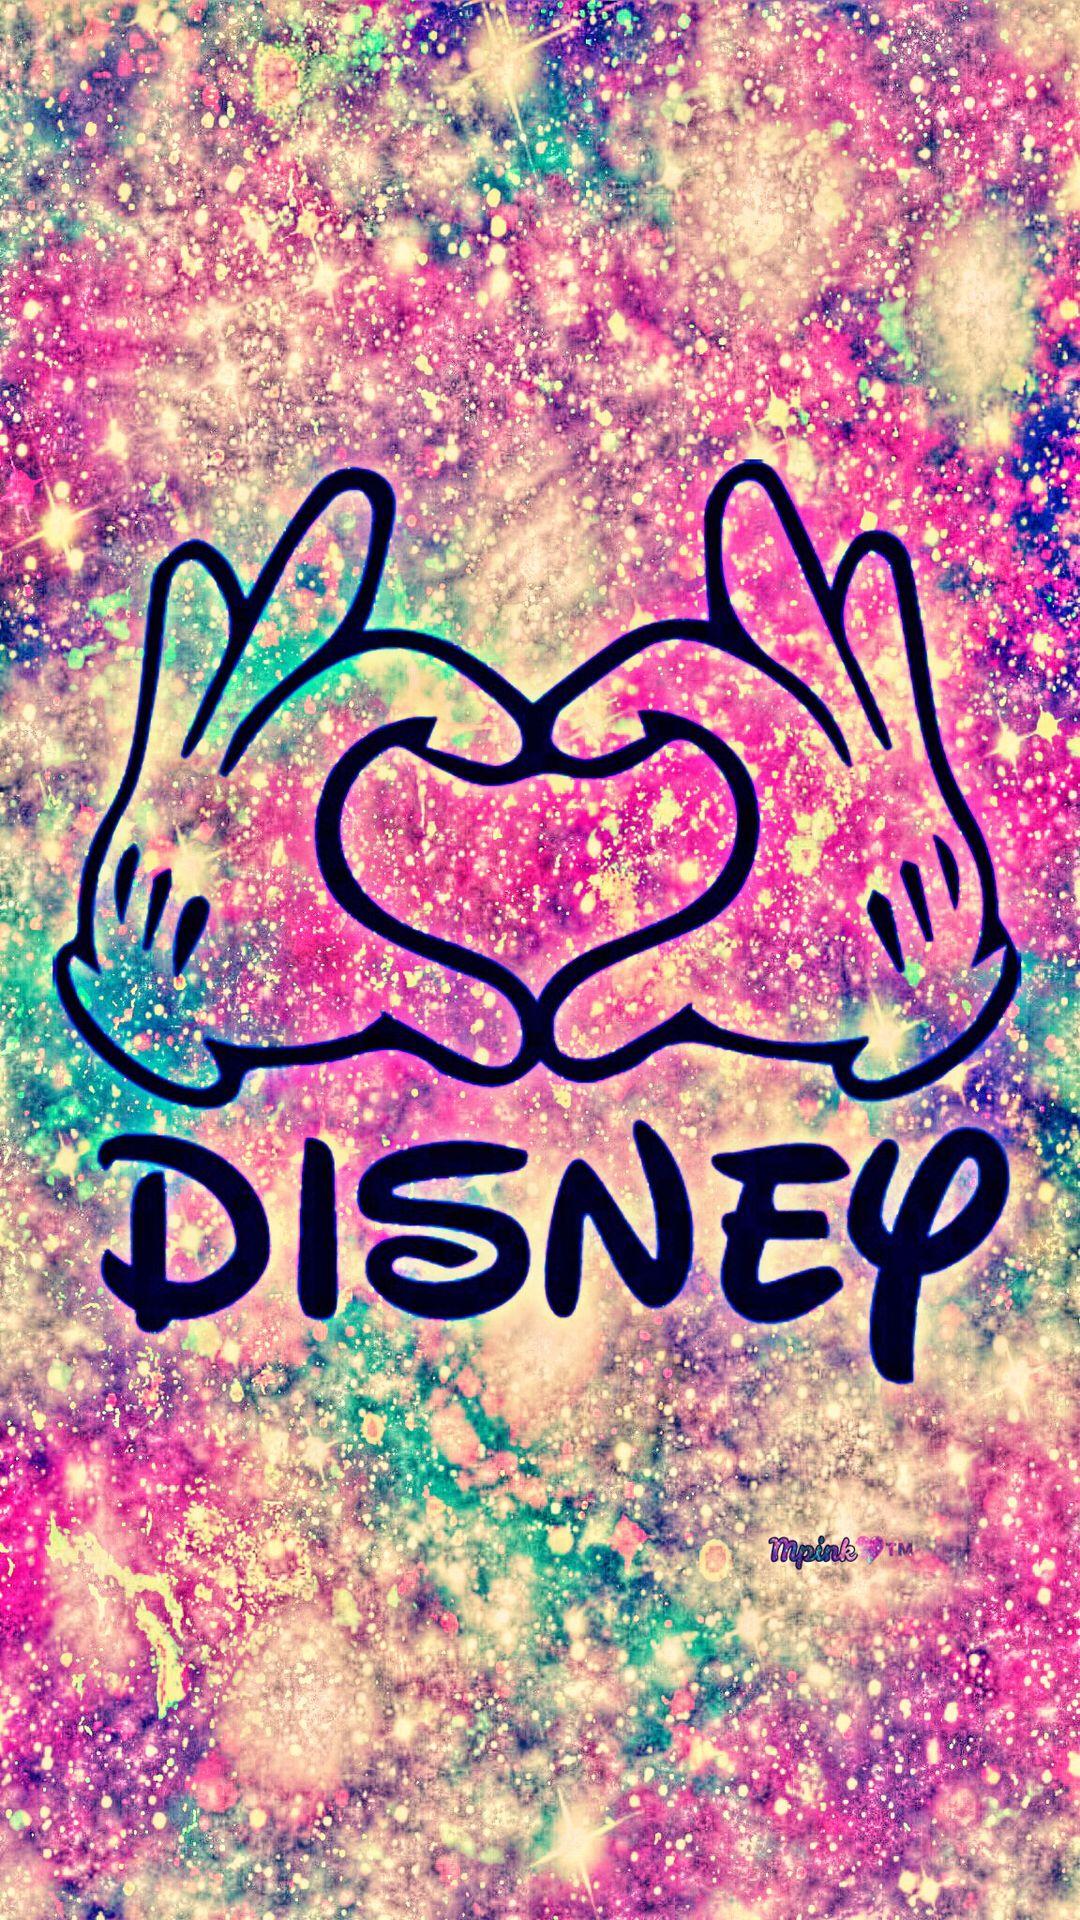 Disney Wallpaper Androidwallpaper Iphonewallpaper Wallpaper Galaxy Sparkle Glitter Lockscreen Cute Disney Wallpaper Disney Wallpaper Disney Background